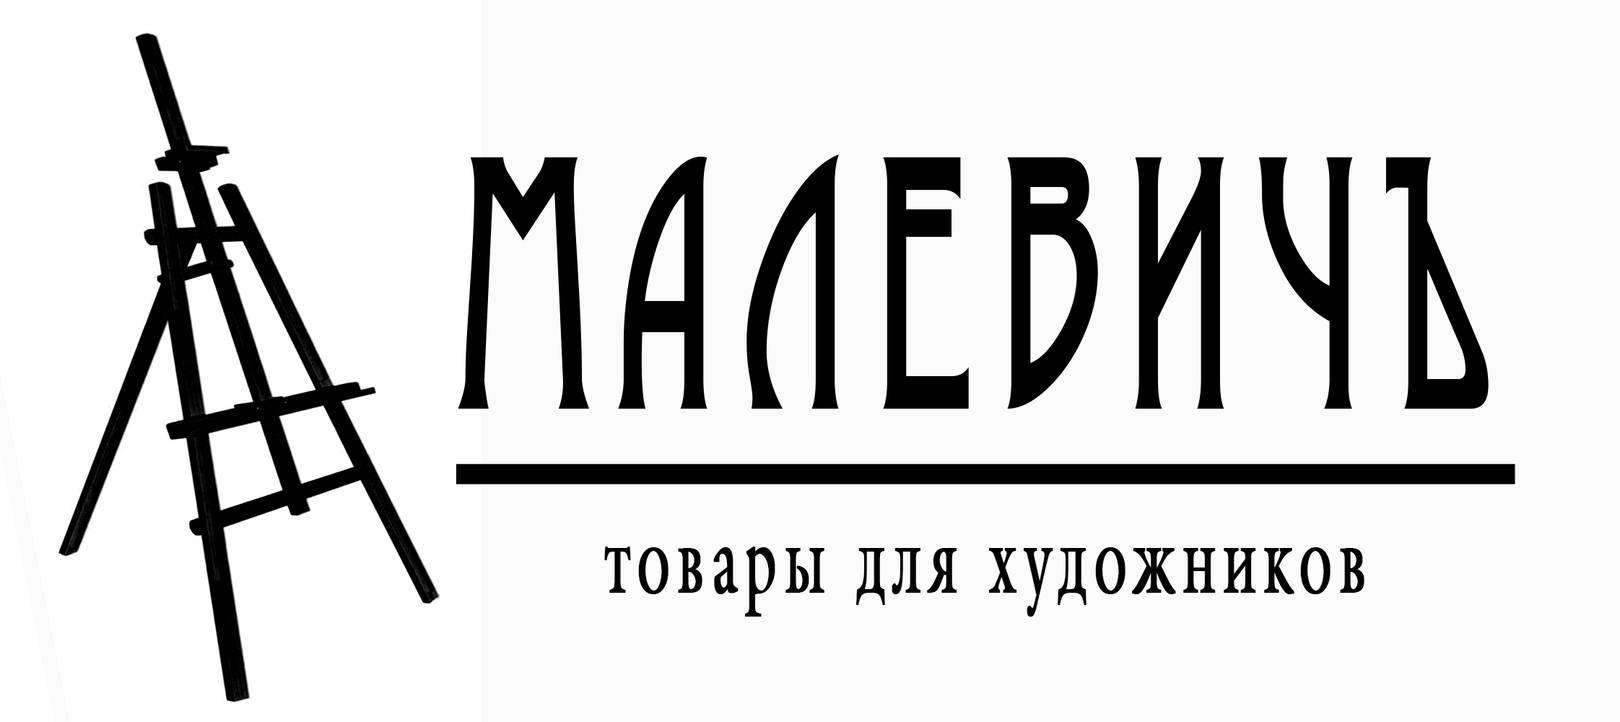 """Конкурс """"Графический дизайн"""""""